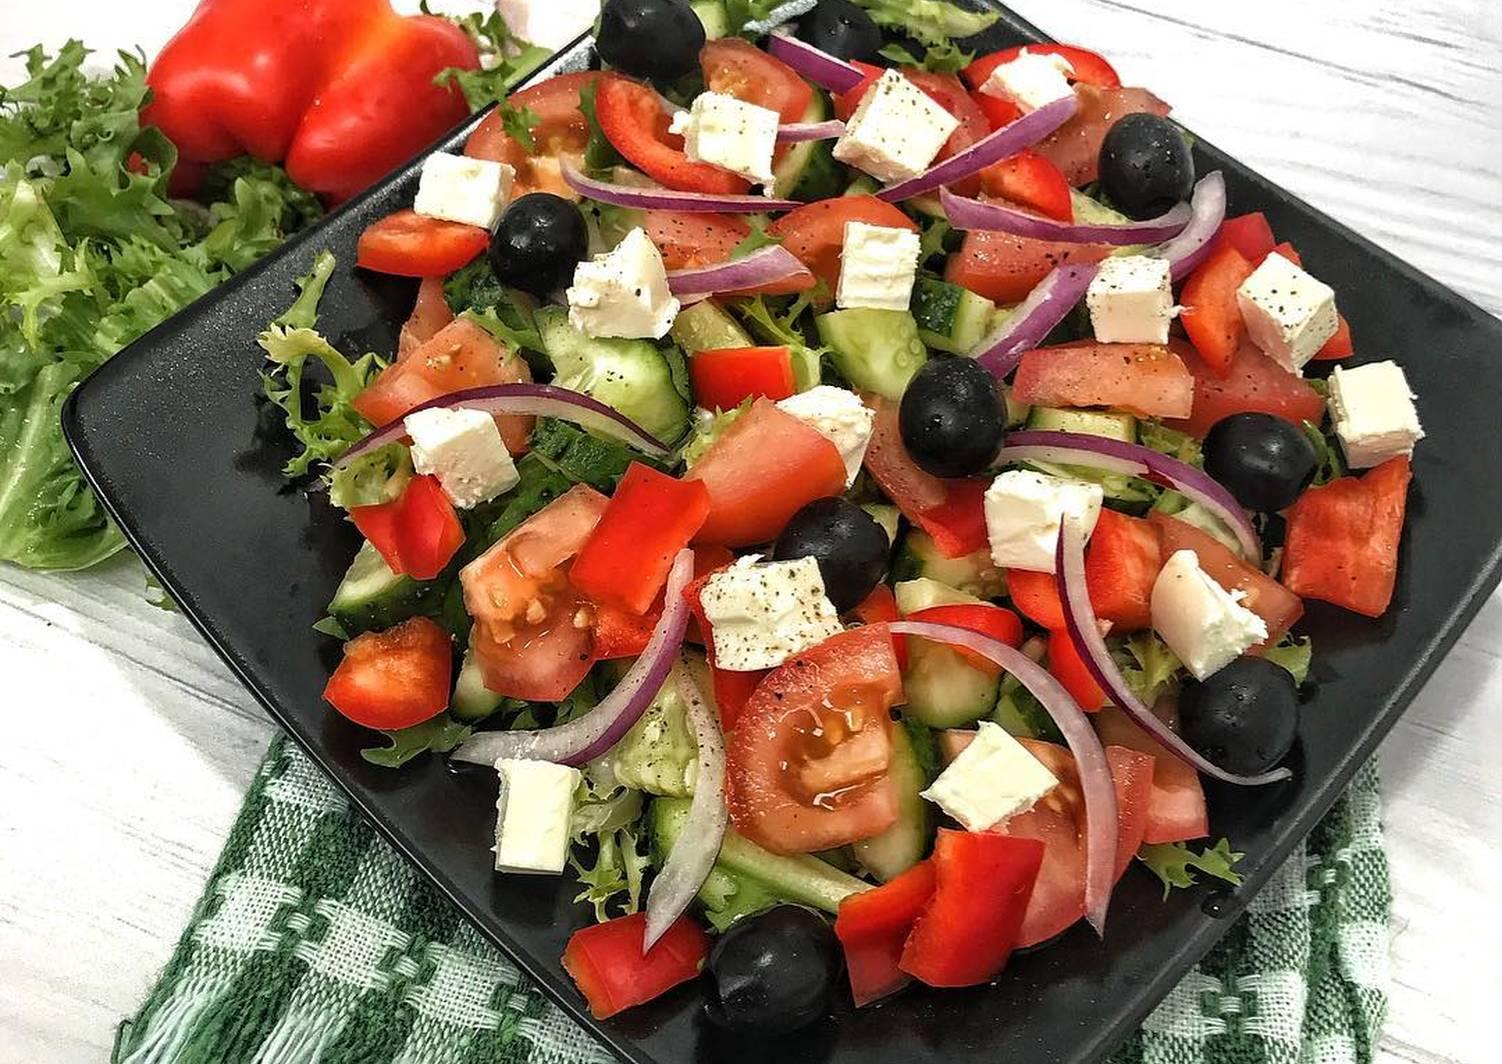 инструкцию съёмке как готовить греческий салат рецепт с фото шишка